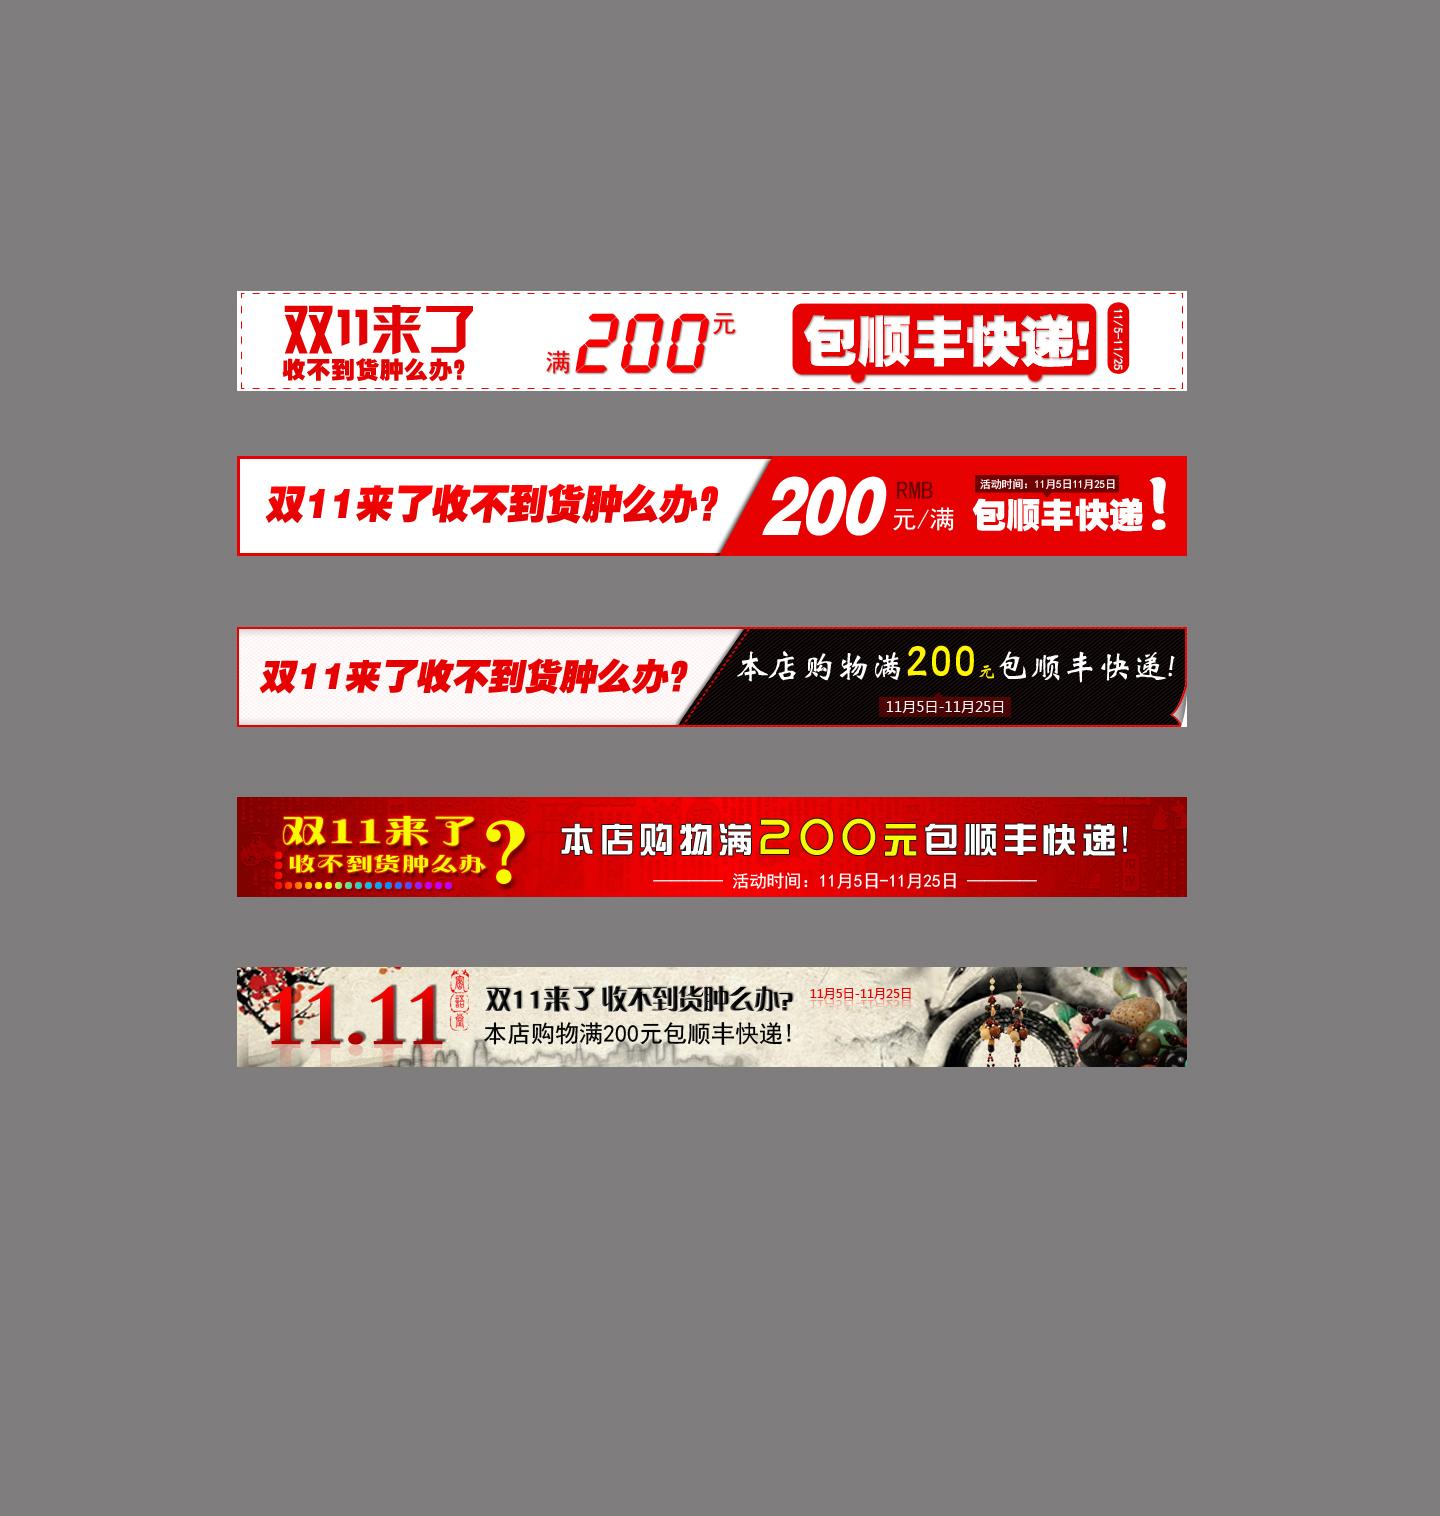 双11活动淘宝店铺促销招牌!